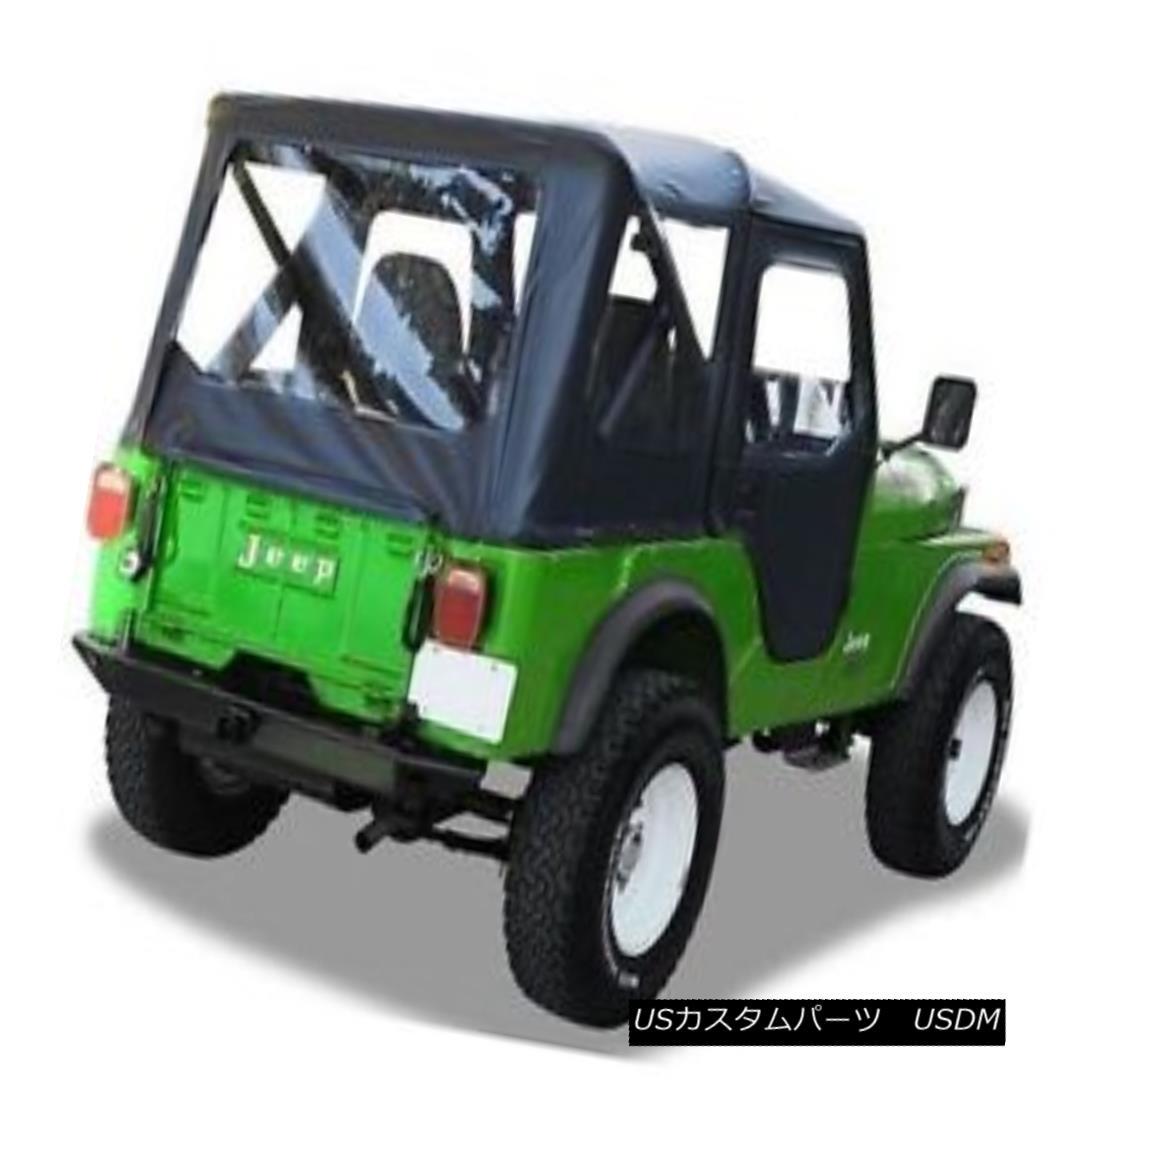 品質満点! 幌・ソフトトップ Bestop Bestop Tigertop Crush 76-83 Jeep CJ5 Tigertop 1 Piece Soft Doors Black Crush Bestop Tigertop 76-83ジープCJ5 1ピースソフトドアブラッククラッシュ, ファヴォリ favori:98d1eb9c --- medsdots.com